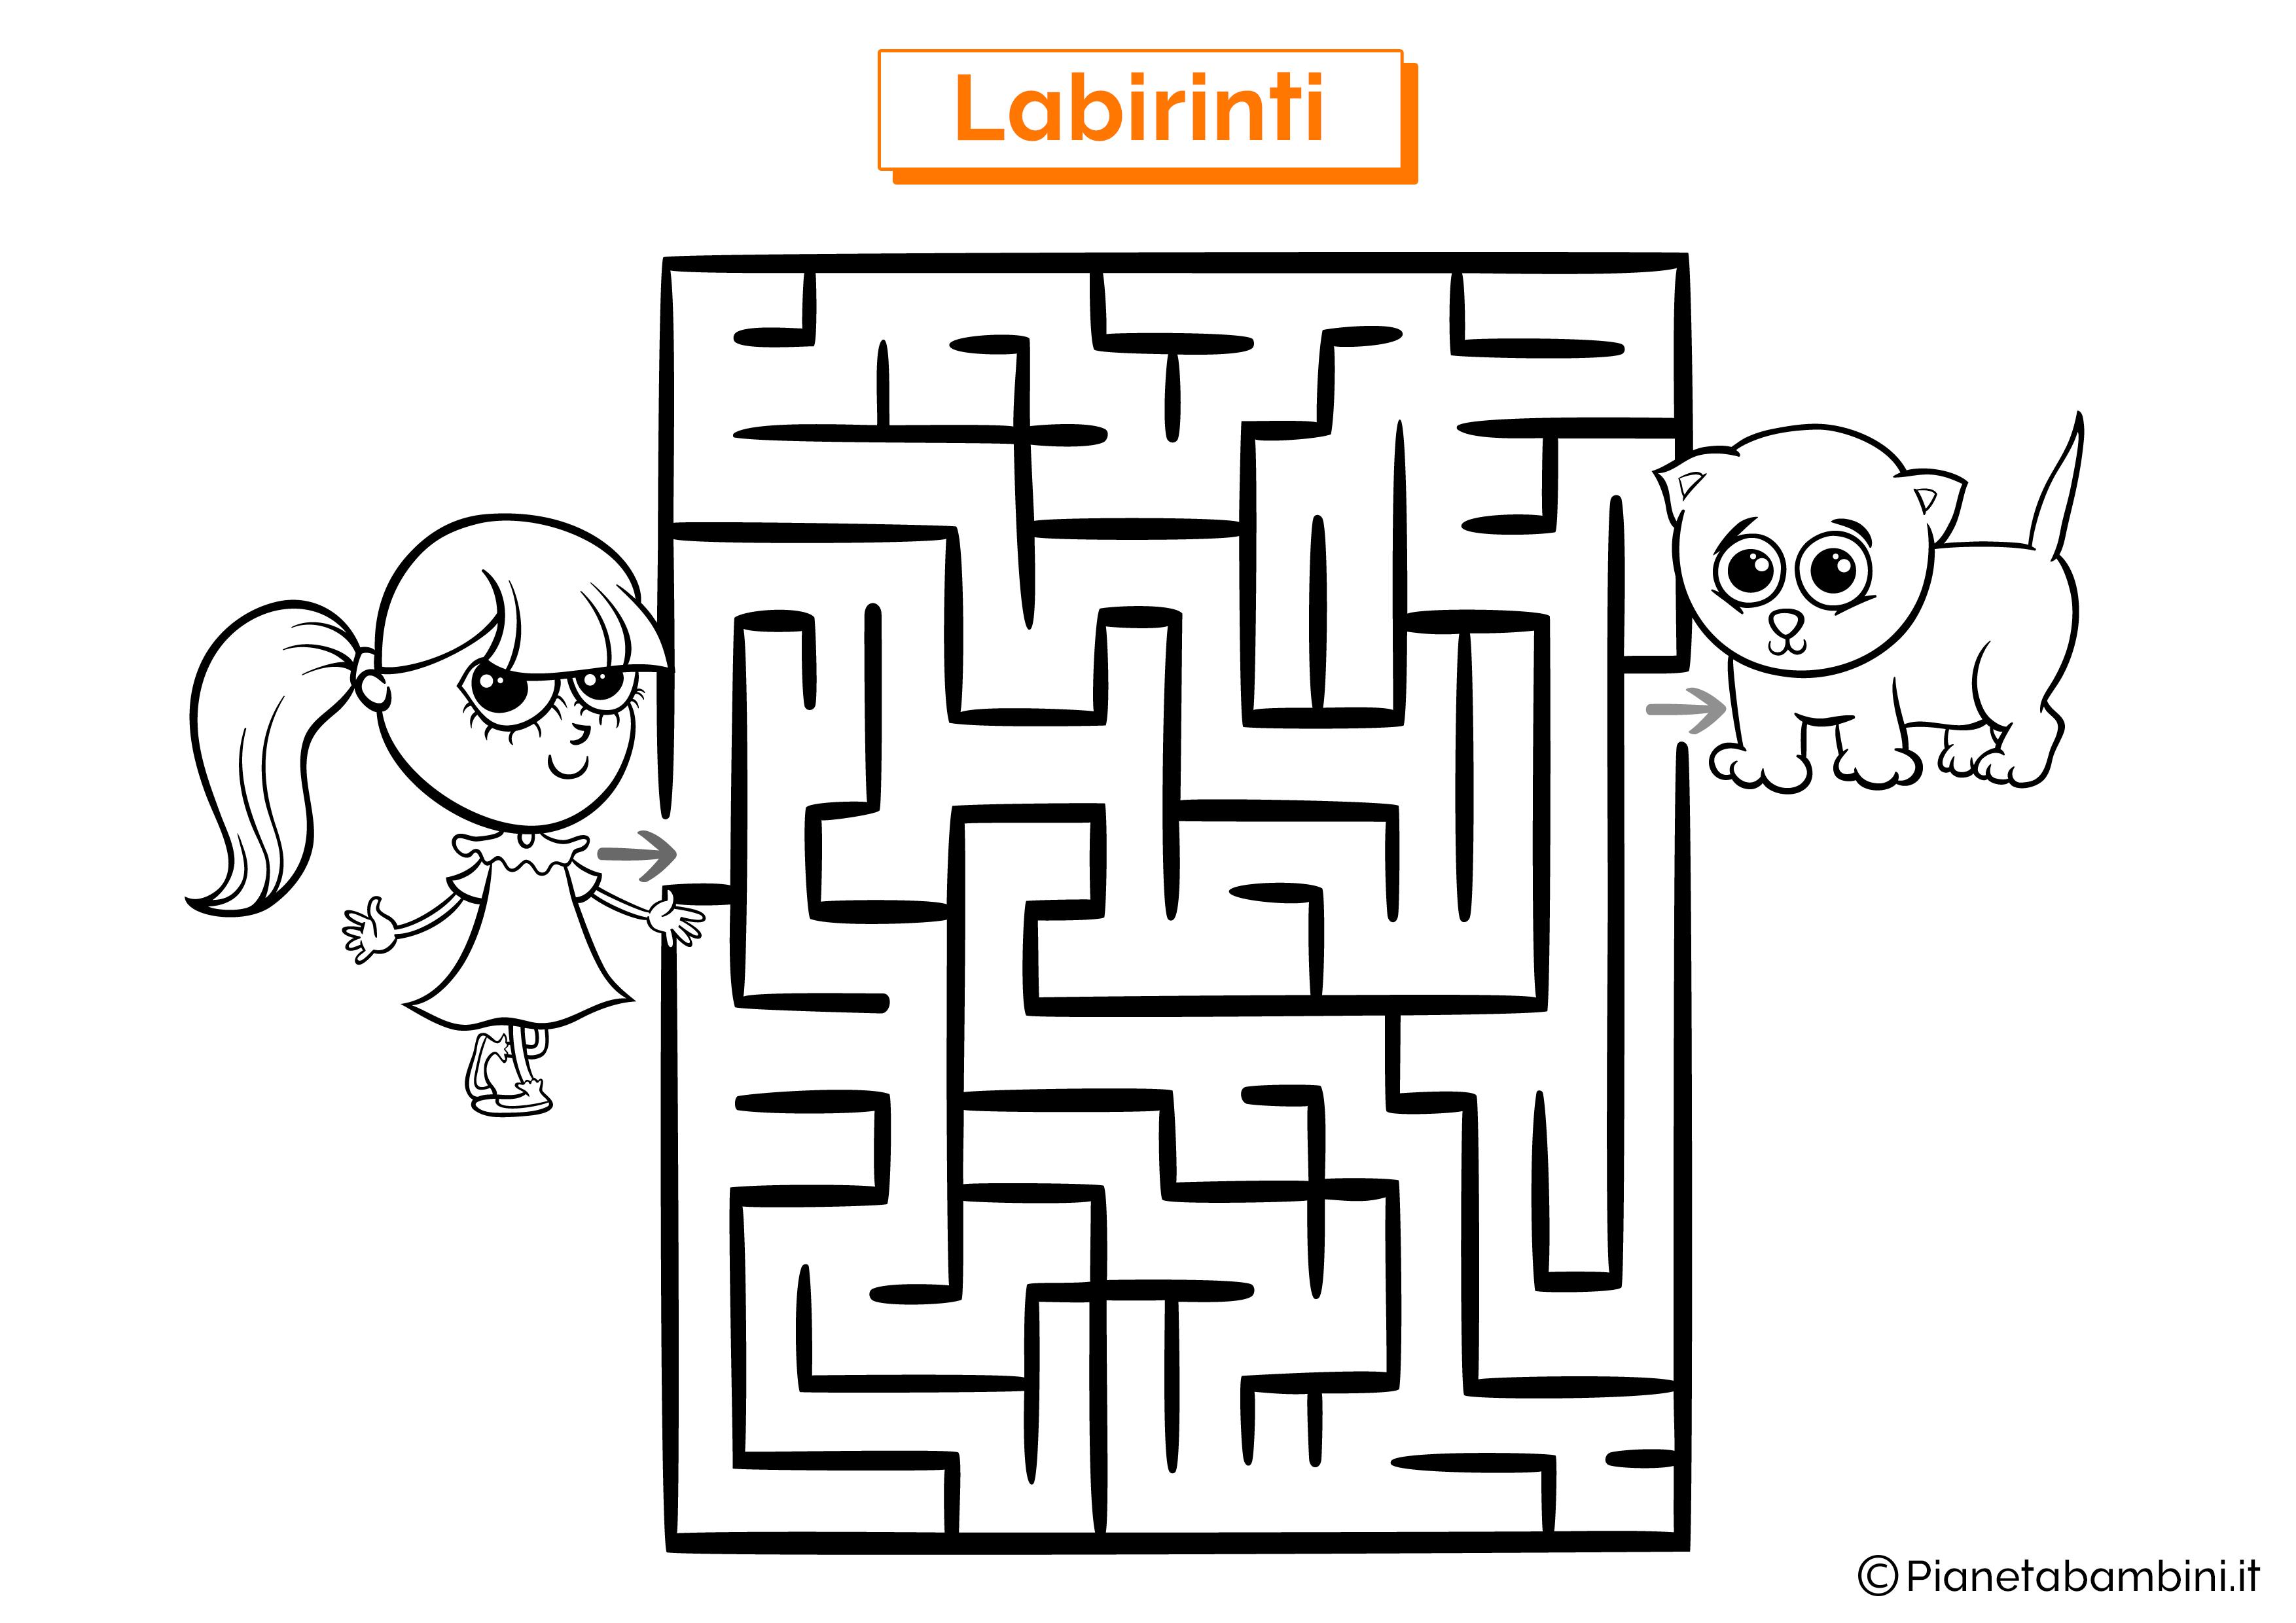 Labirinto con gatto e bambina da stampare